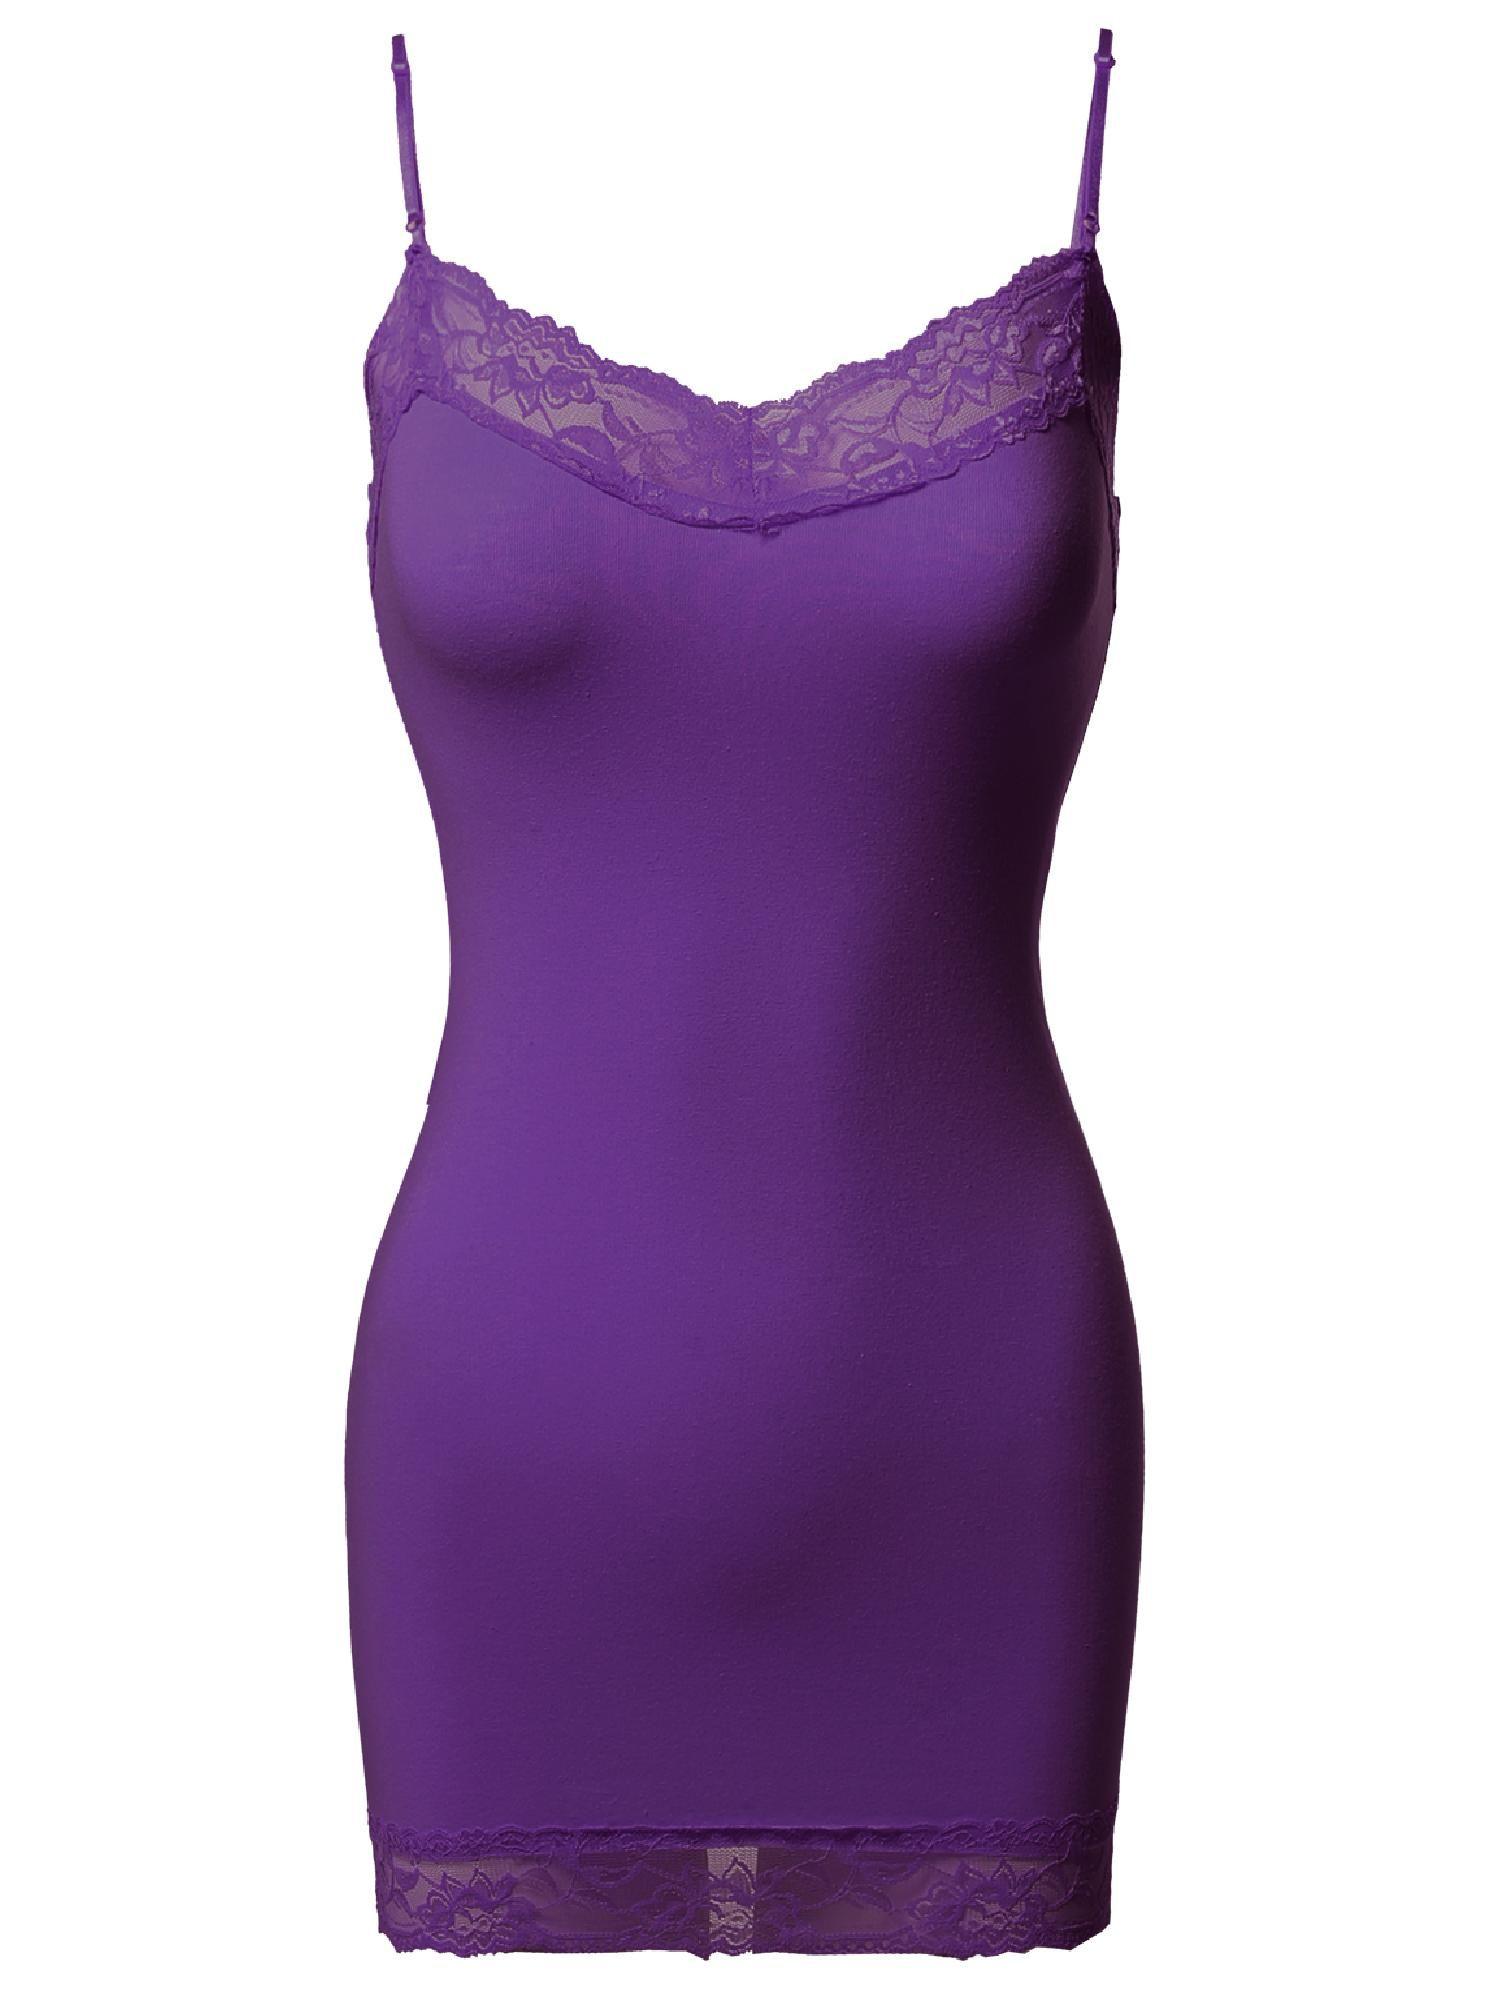 89154e41e3e FashionOutfit Women s Solid Soft Stretch Spaghetti Strap Lace Trim Tank Top Soft